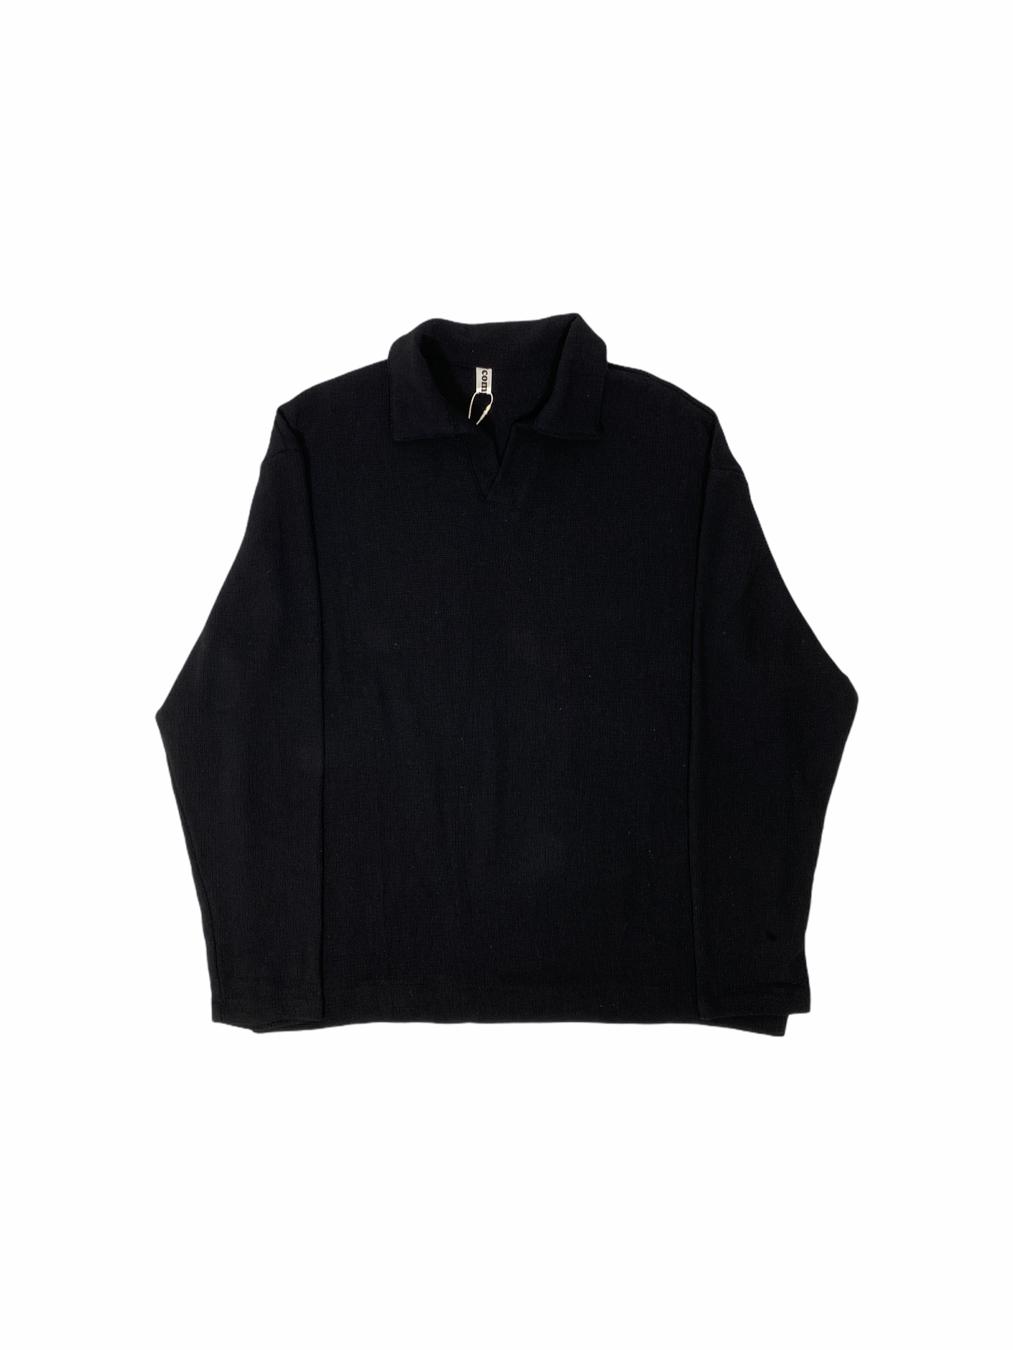 Soften Net Collar Shirt (Black)